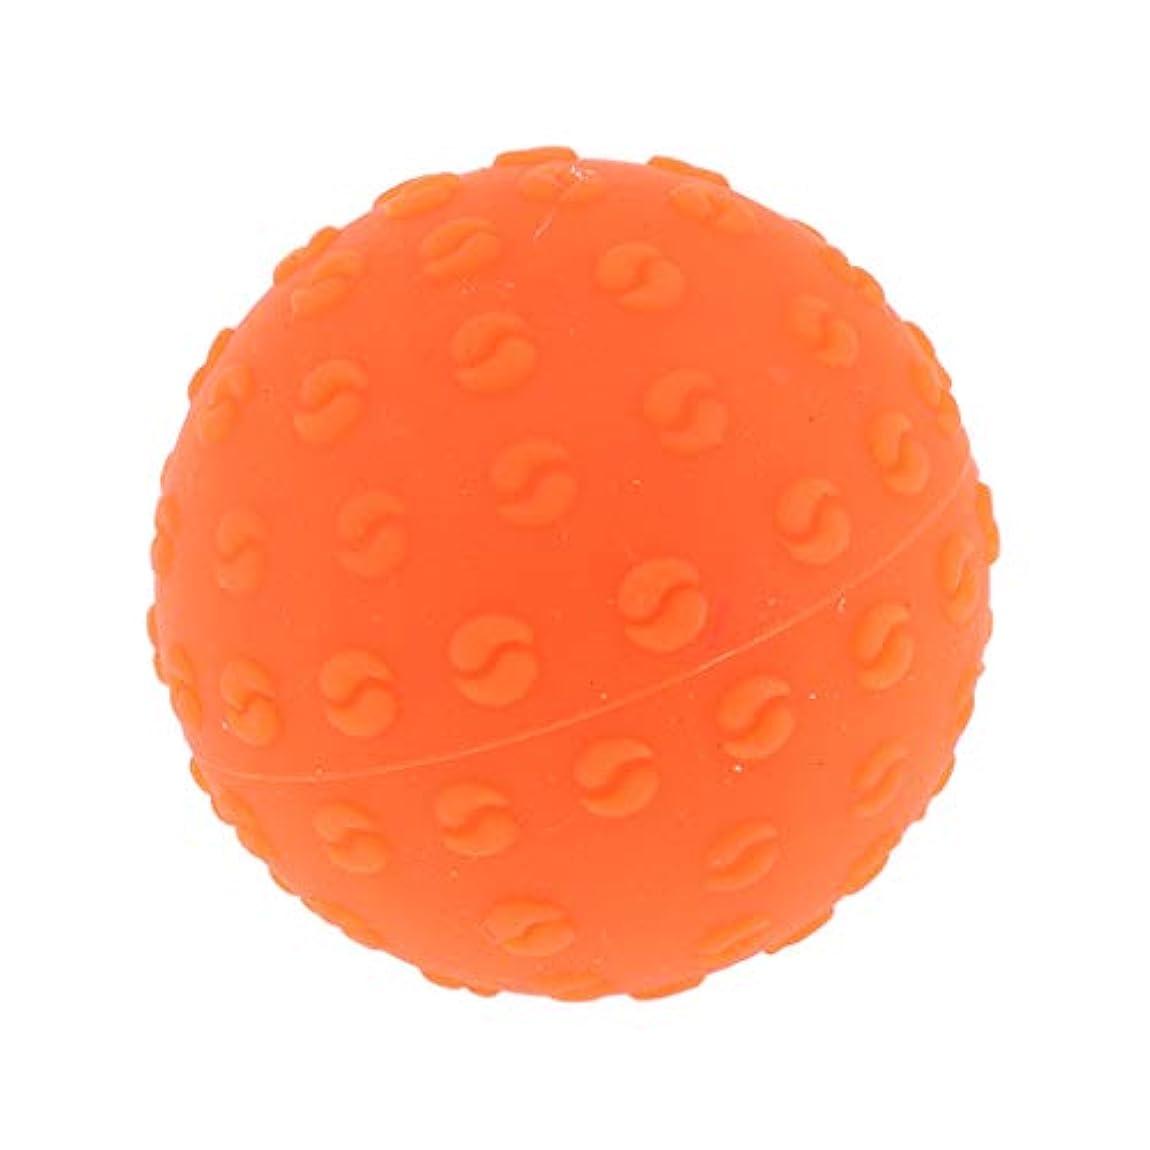 嘆く異議右全6色 シリコーンマッサージボール 指圧ボール トリガーポイント ヨガ 肩、足、首、腕 解消 耐摩耗 - オレンジ, 説明のとおり